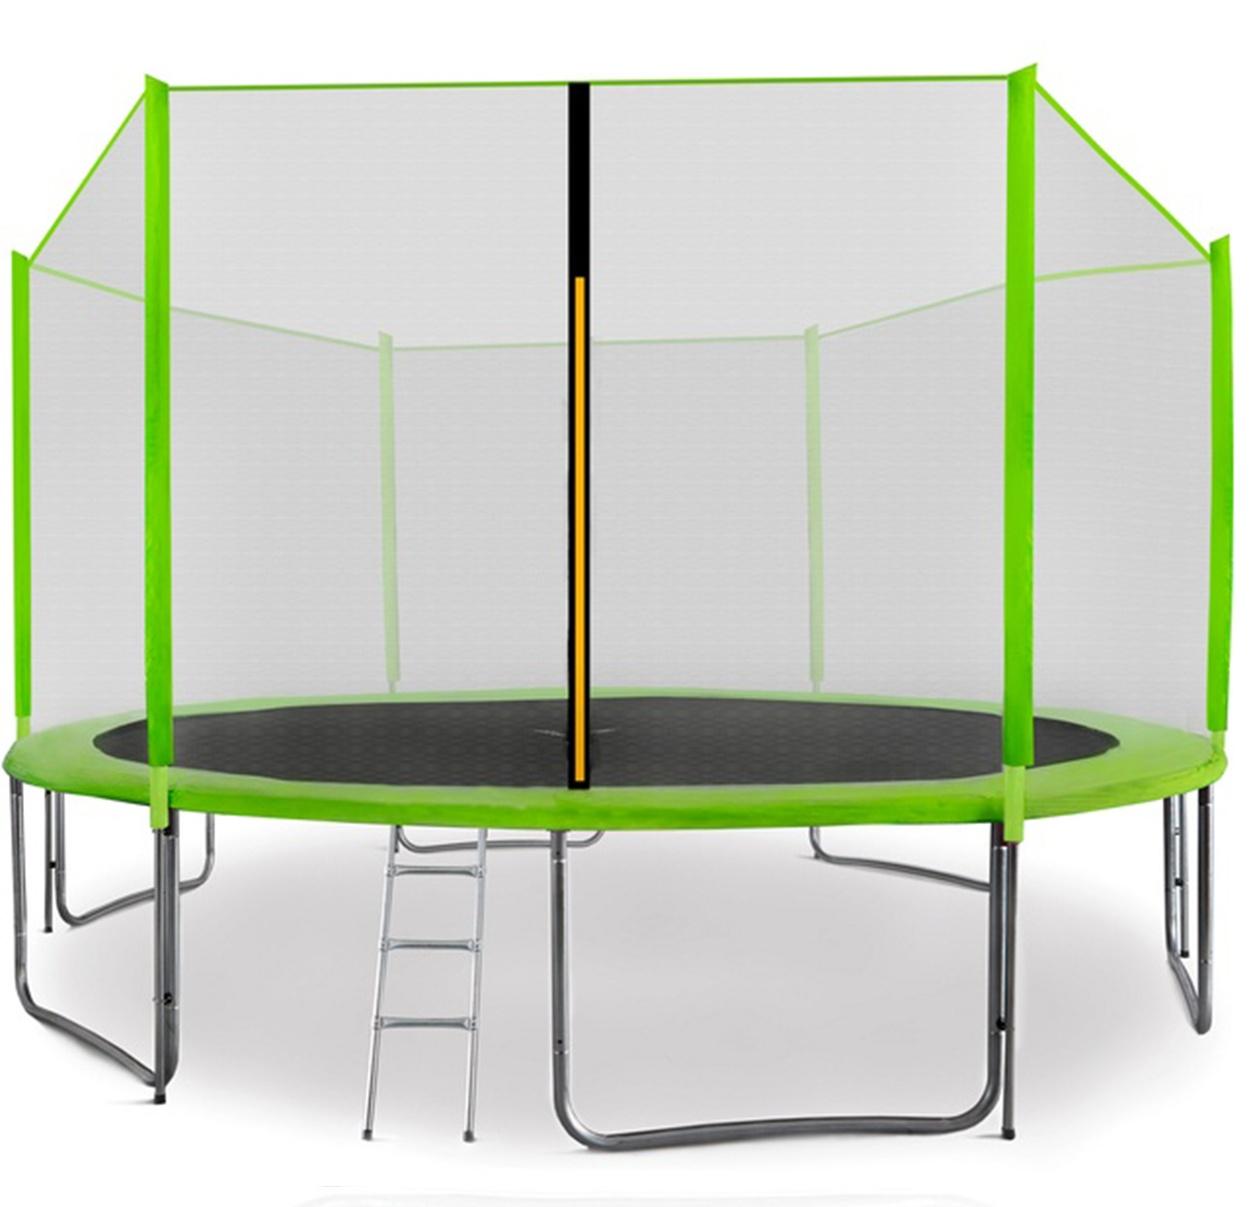 Aga SPORT PRO Trampolína 400 cm Light Green + ochranná síť  + žebřík + kapsa na obuv